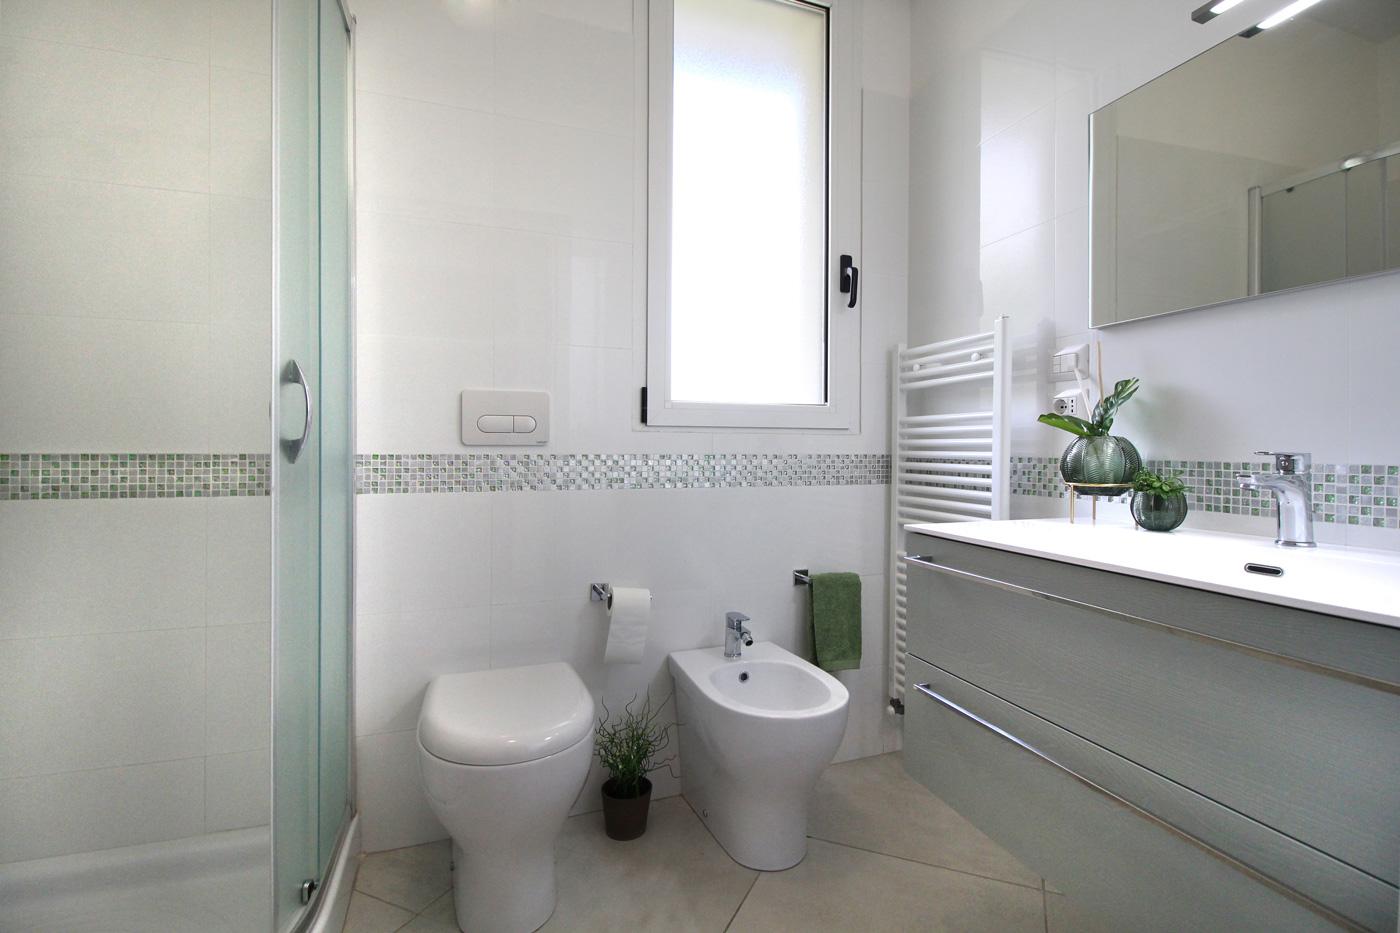 Appartamento Sofia_Romagna case vacanze_Gatteo mare_San mauro_9668_2